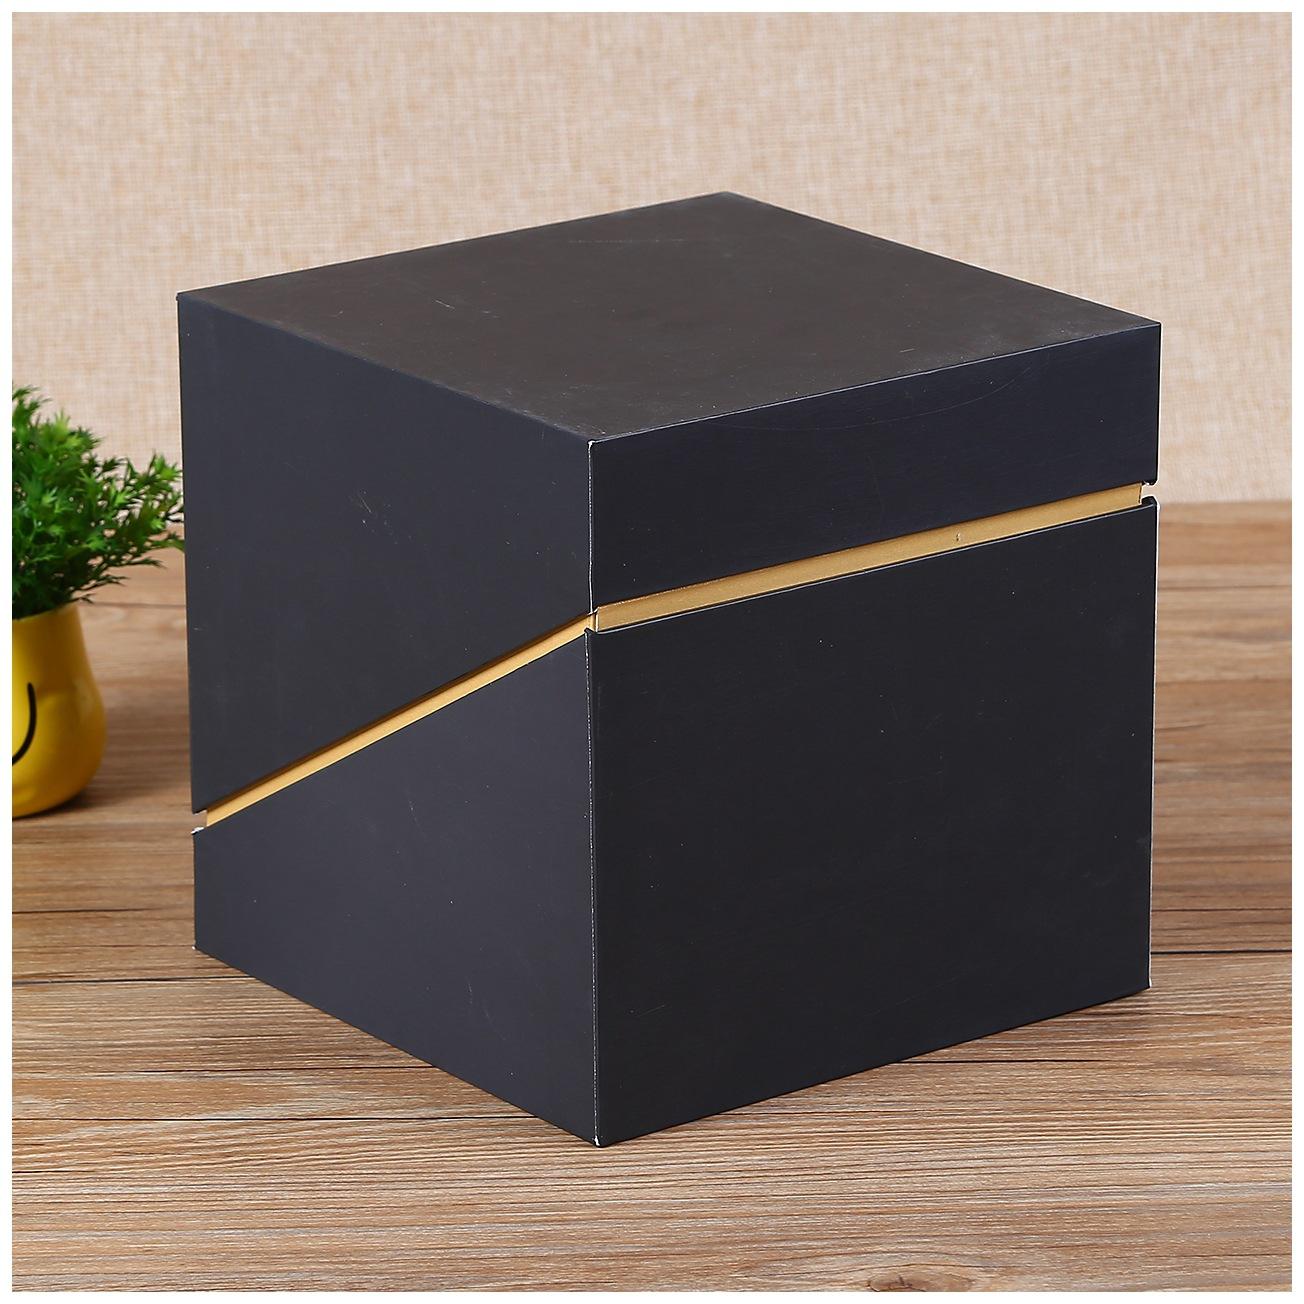 JUNSEN NLSX bao bì Nhà sản xuất bán buôn đồ trang sức bao bì carton thời trang vuông hộp quà tặng tù